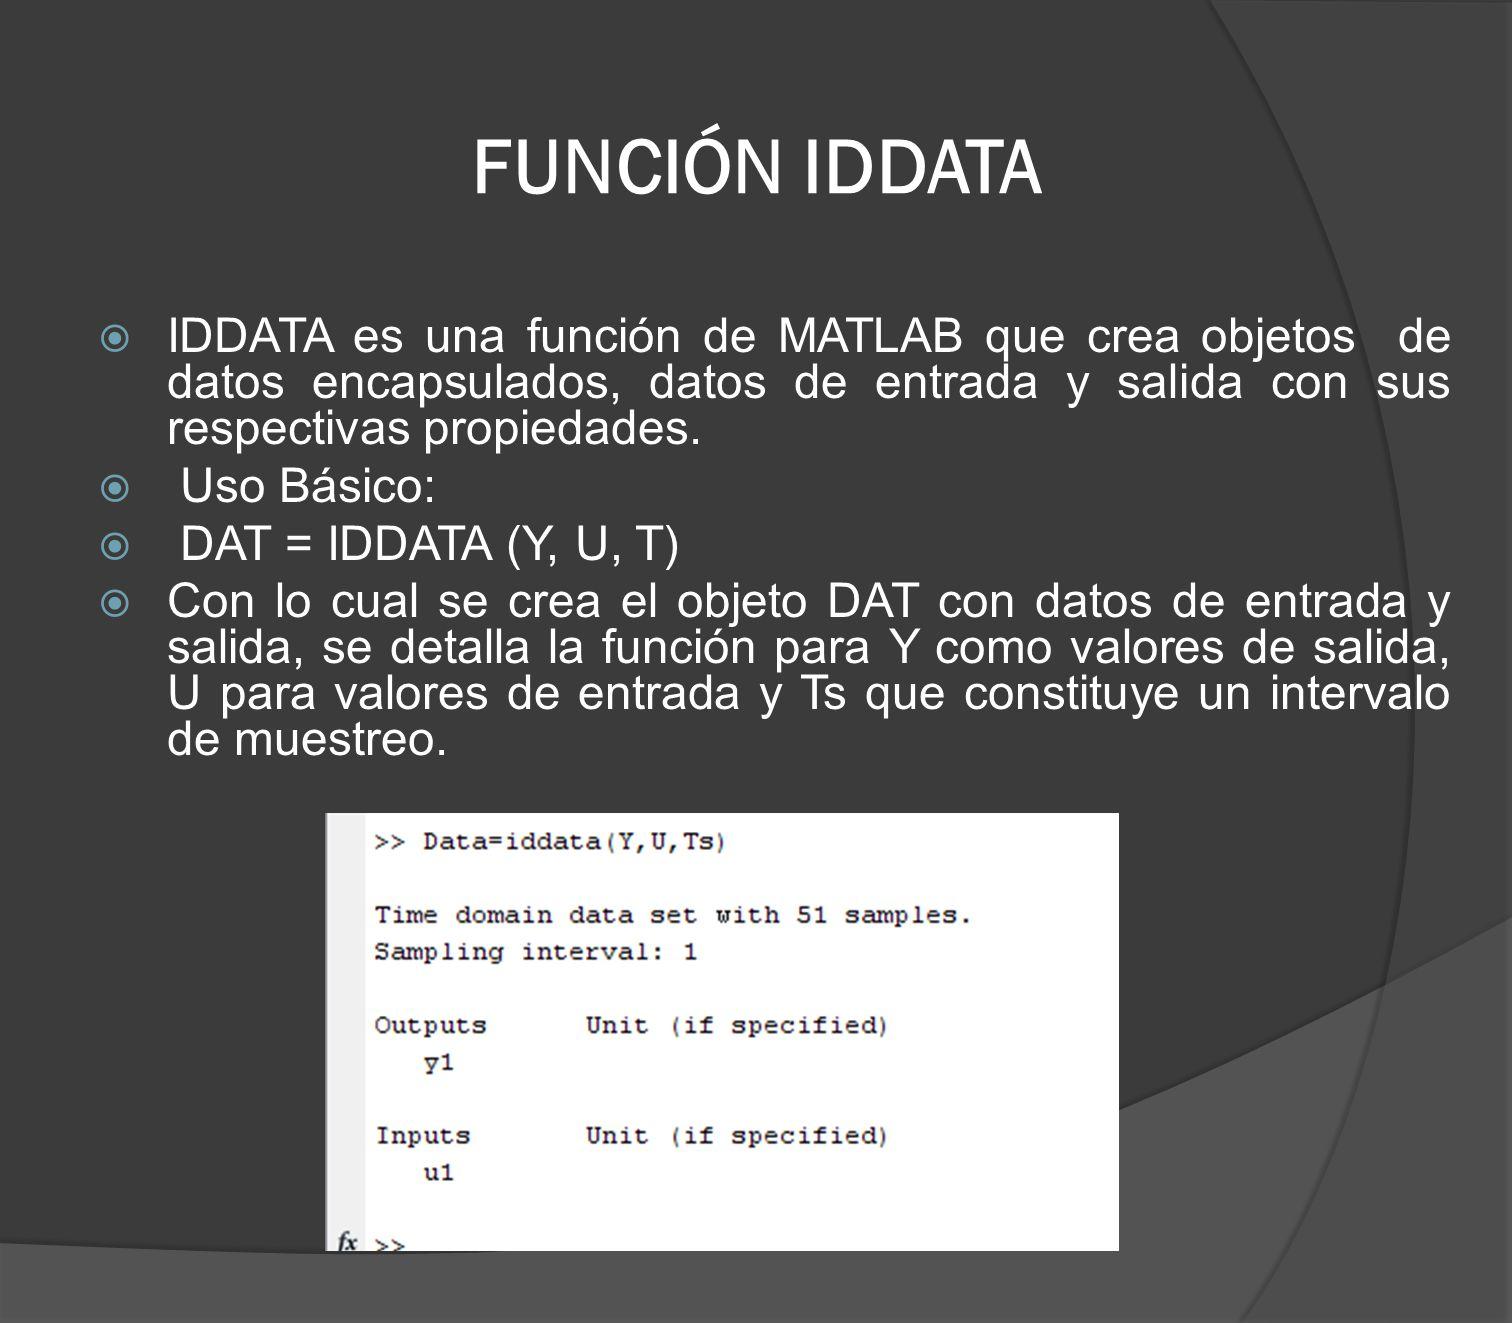 FUNCIÓN IDDATA IDDATA es una función de MATLAB que crea objetos de datos encapsulados, datos de entrada y salida con sus respectivas propiedades. Uso